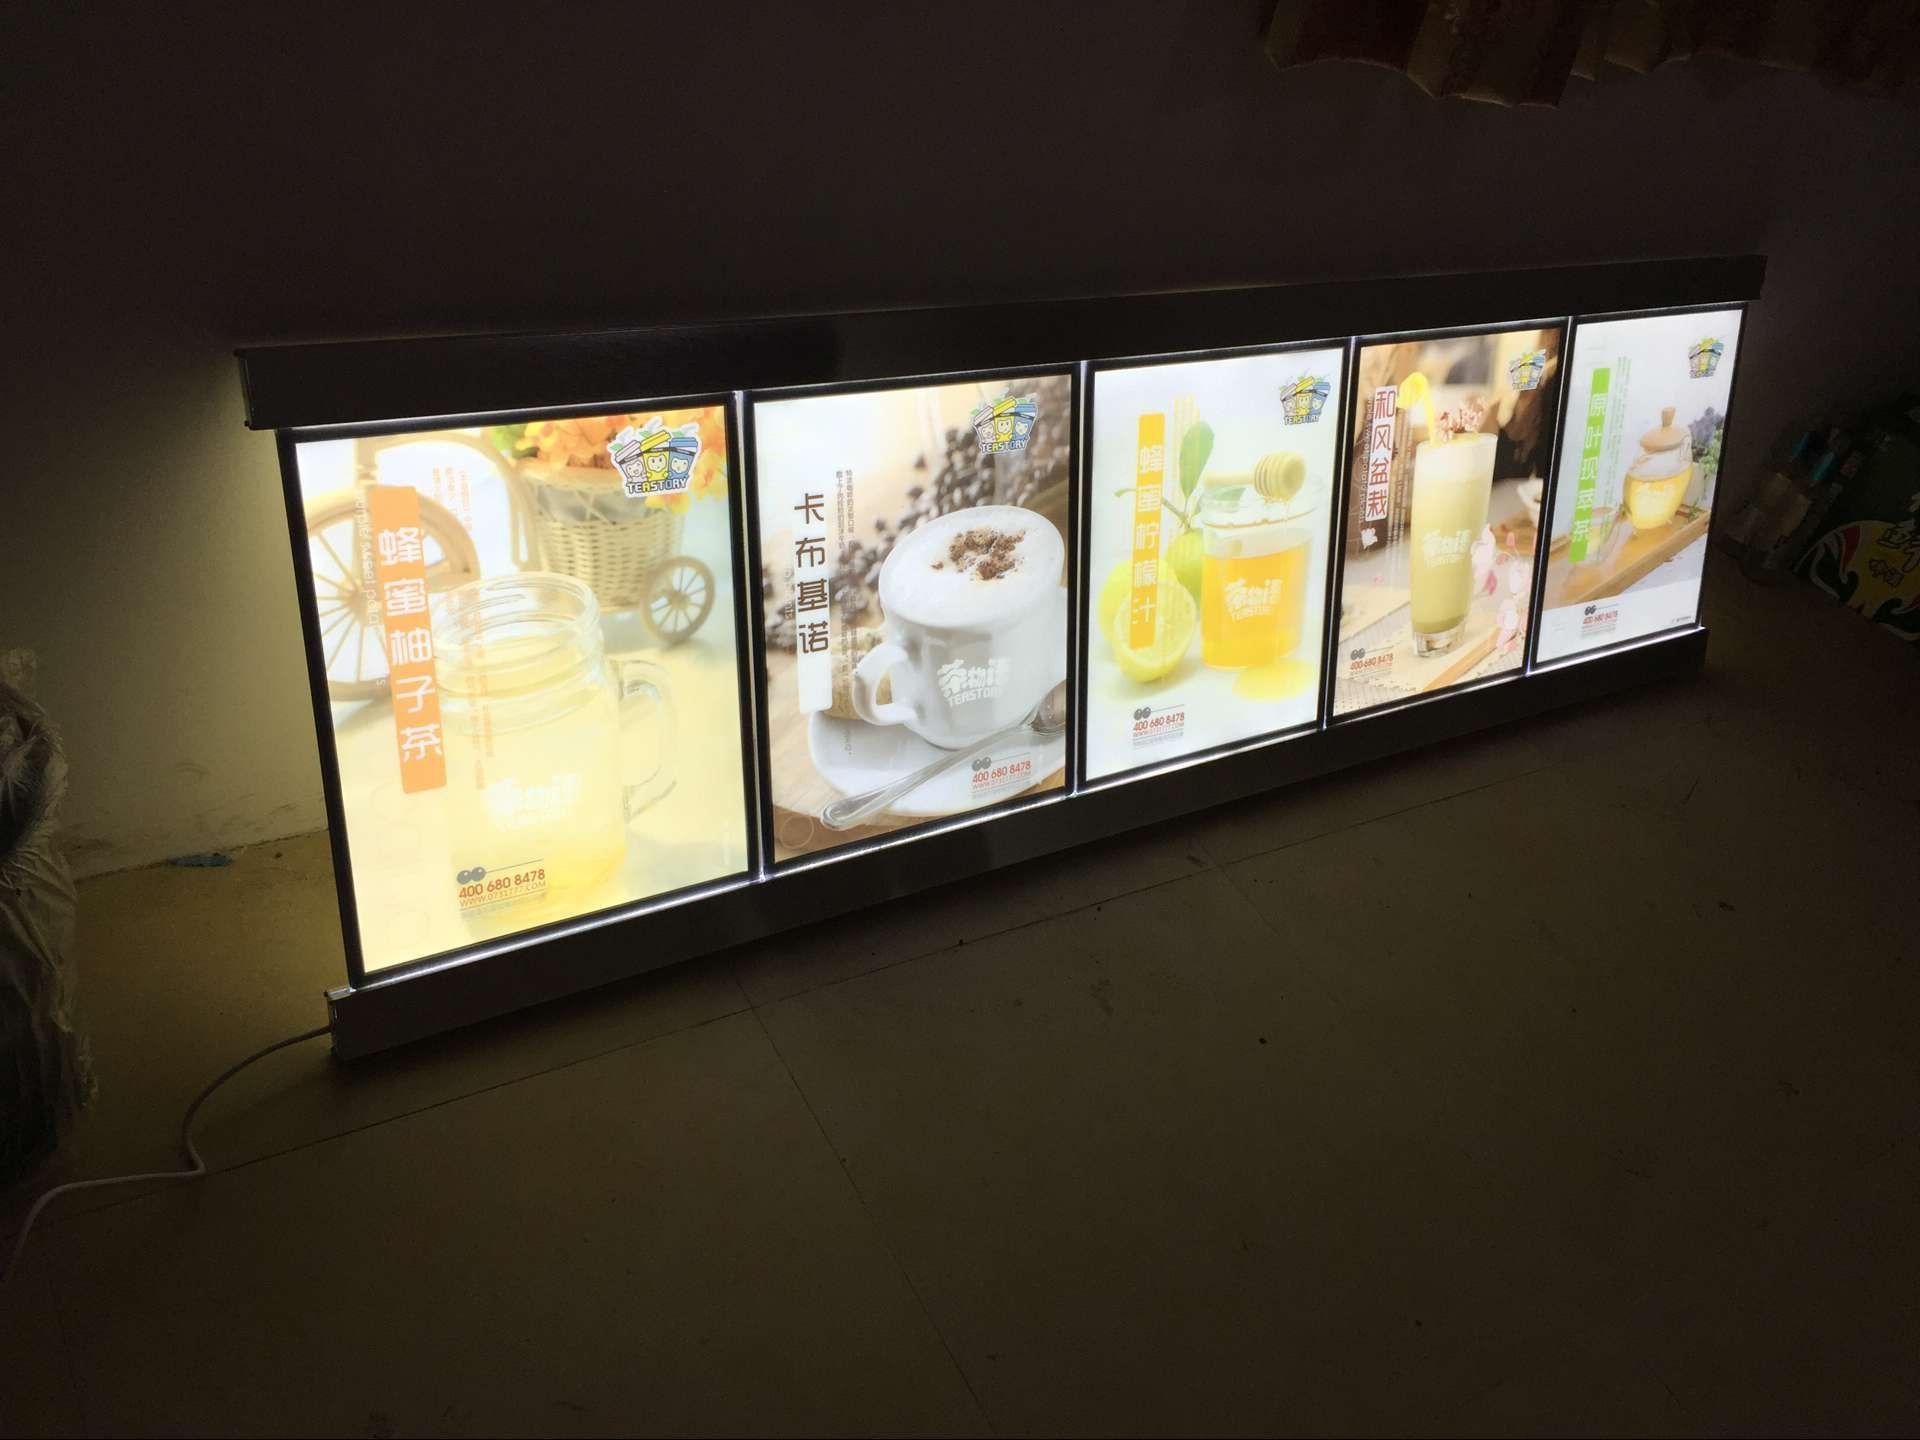 swift led menu board display system illuminated menu display light